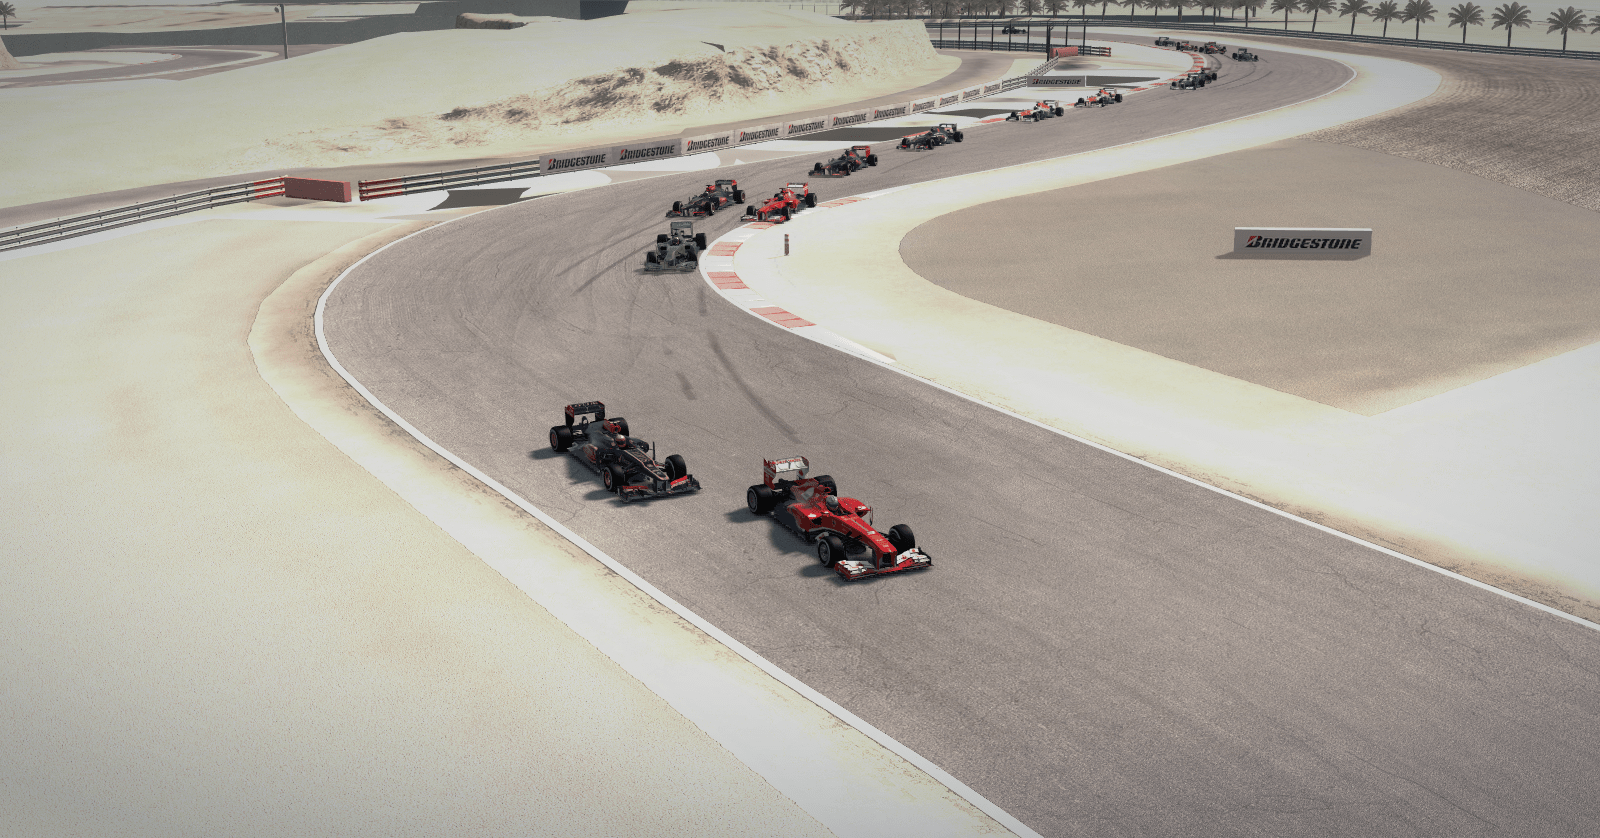 F1_2013-2017-12-31-16-39-16-47-min.png